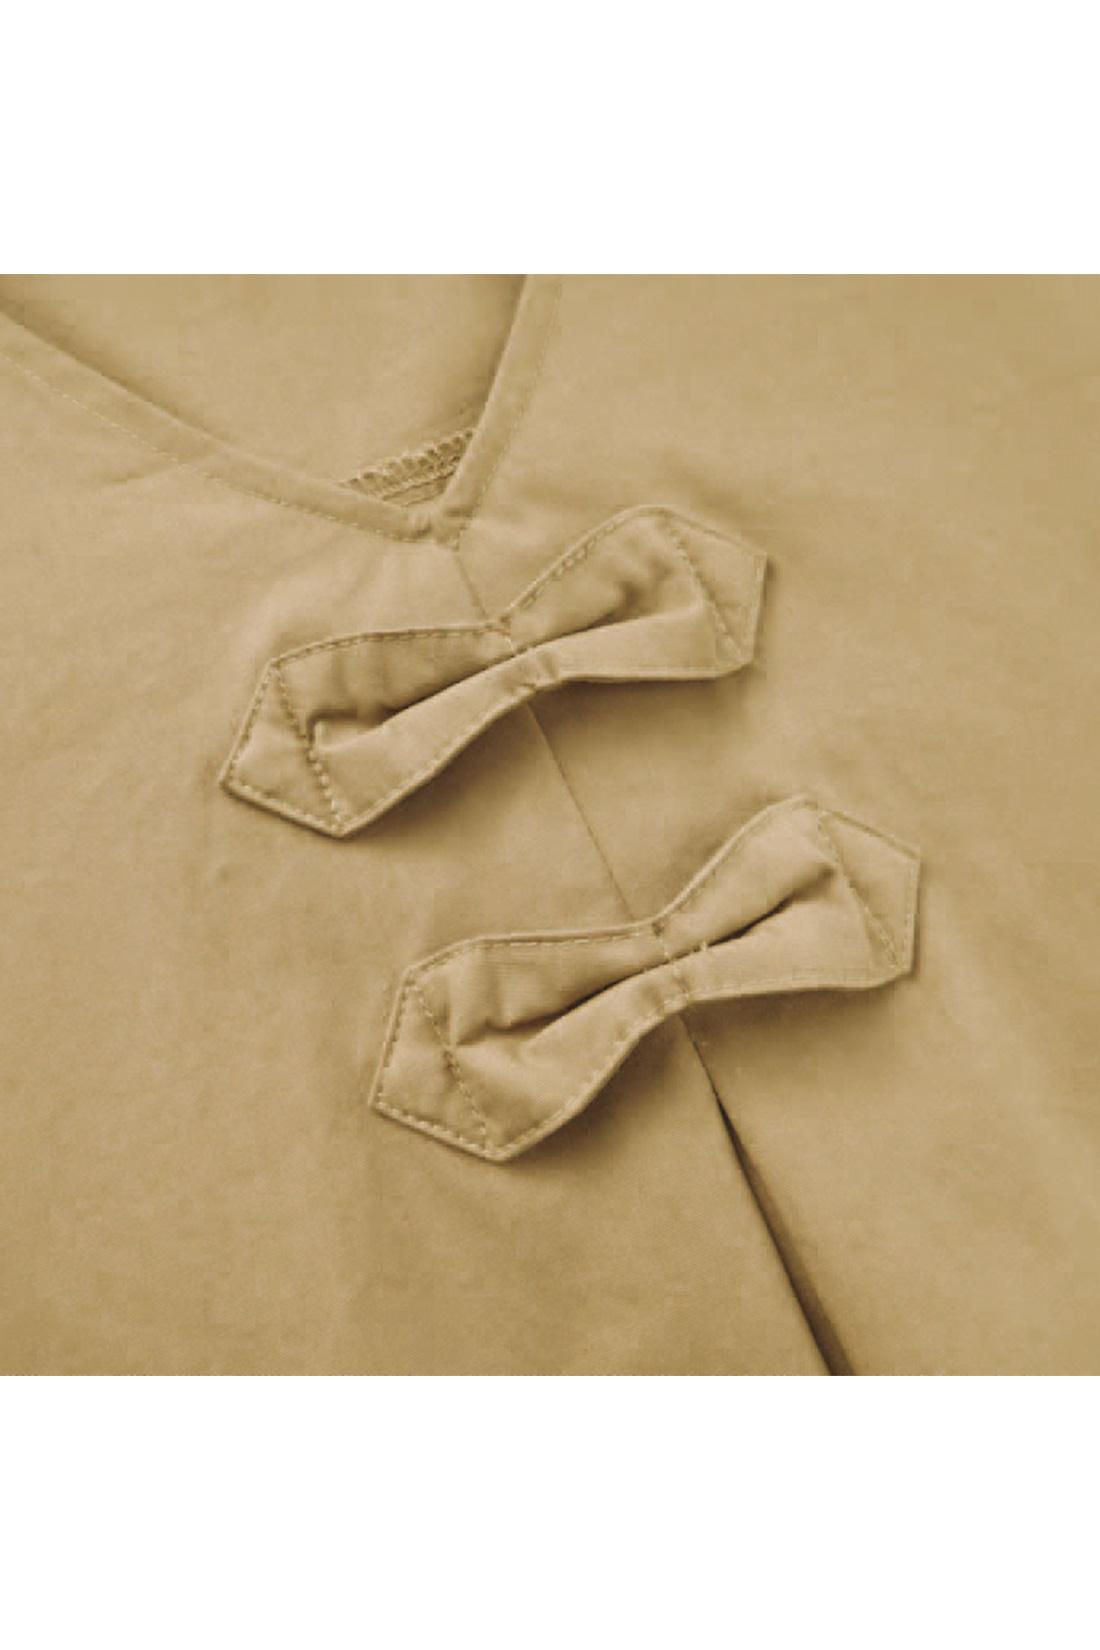 [アリでもナシでも。]リボンの形をしたタブが胸もとにかわいいアクセント。スカーフを通さなくってもかわいいでしょ。